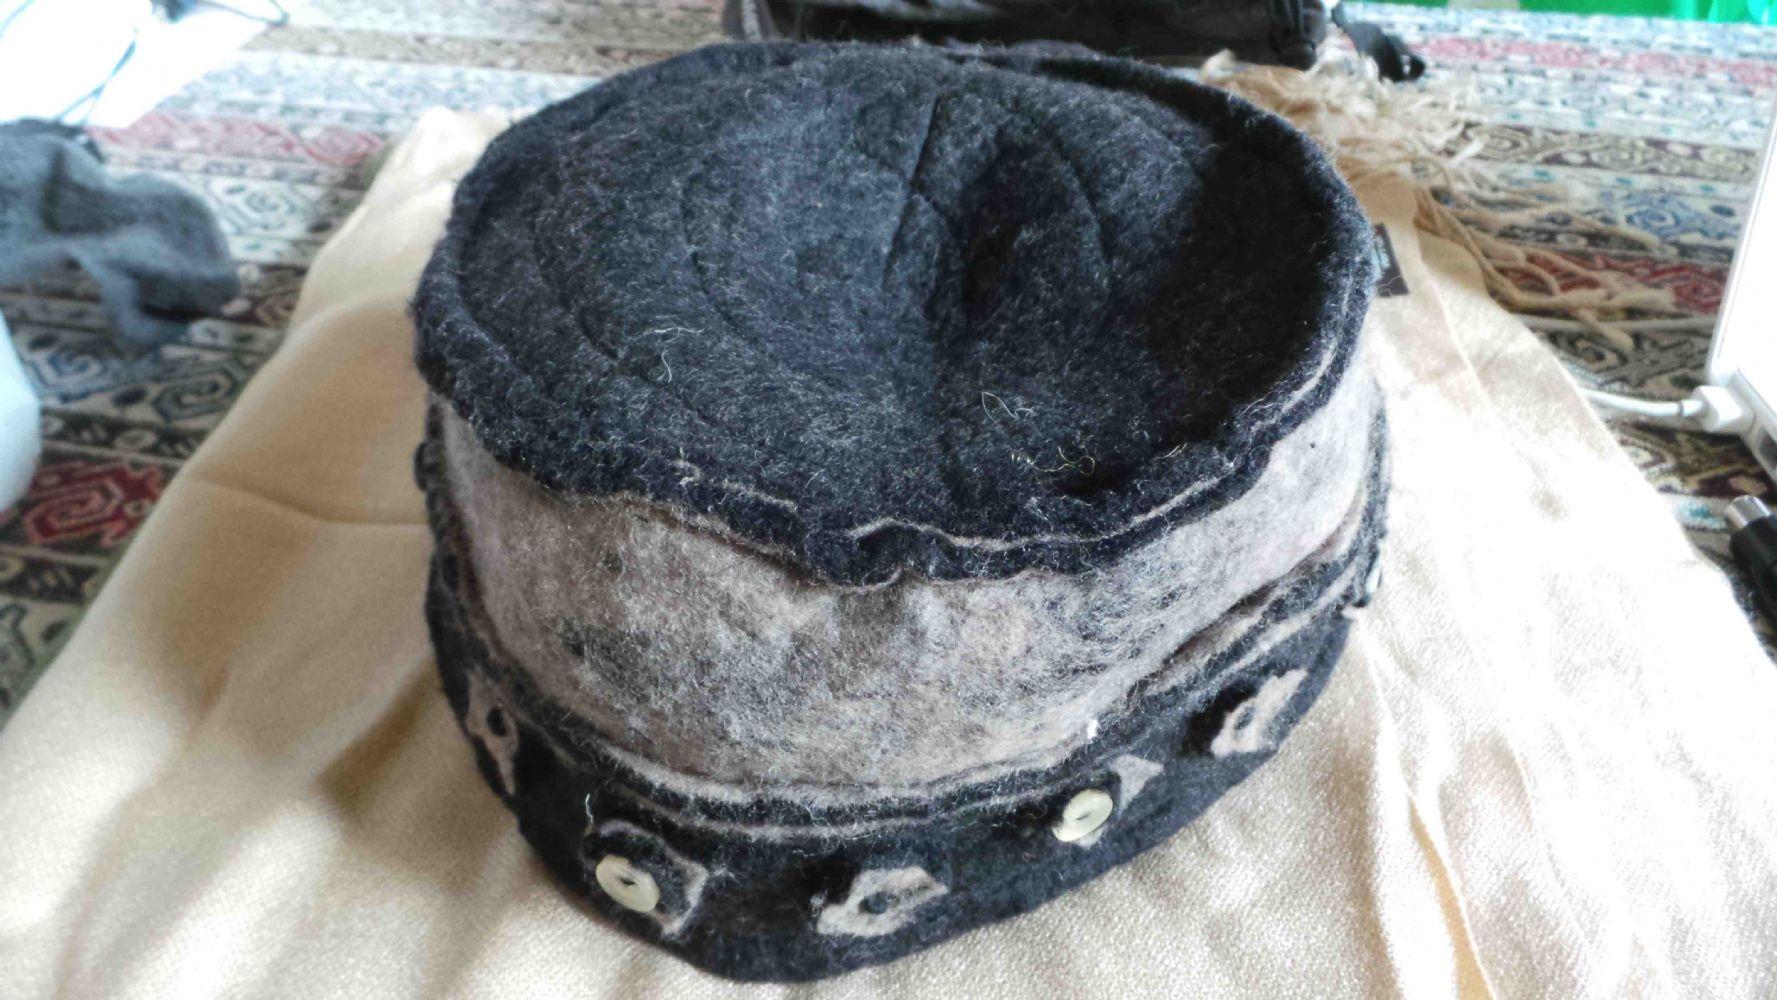 Descrizione cappello afgano i feltro nero e bronzo con decorazioni e  bottoni. foderato all interno 3894a5aa634e